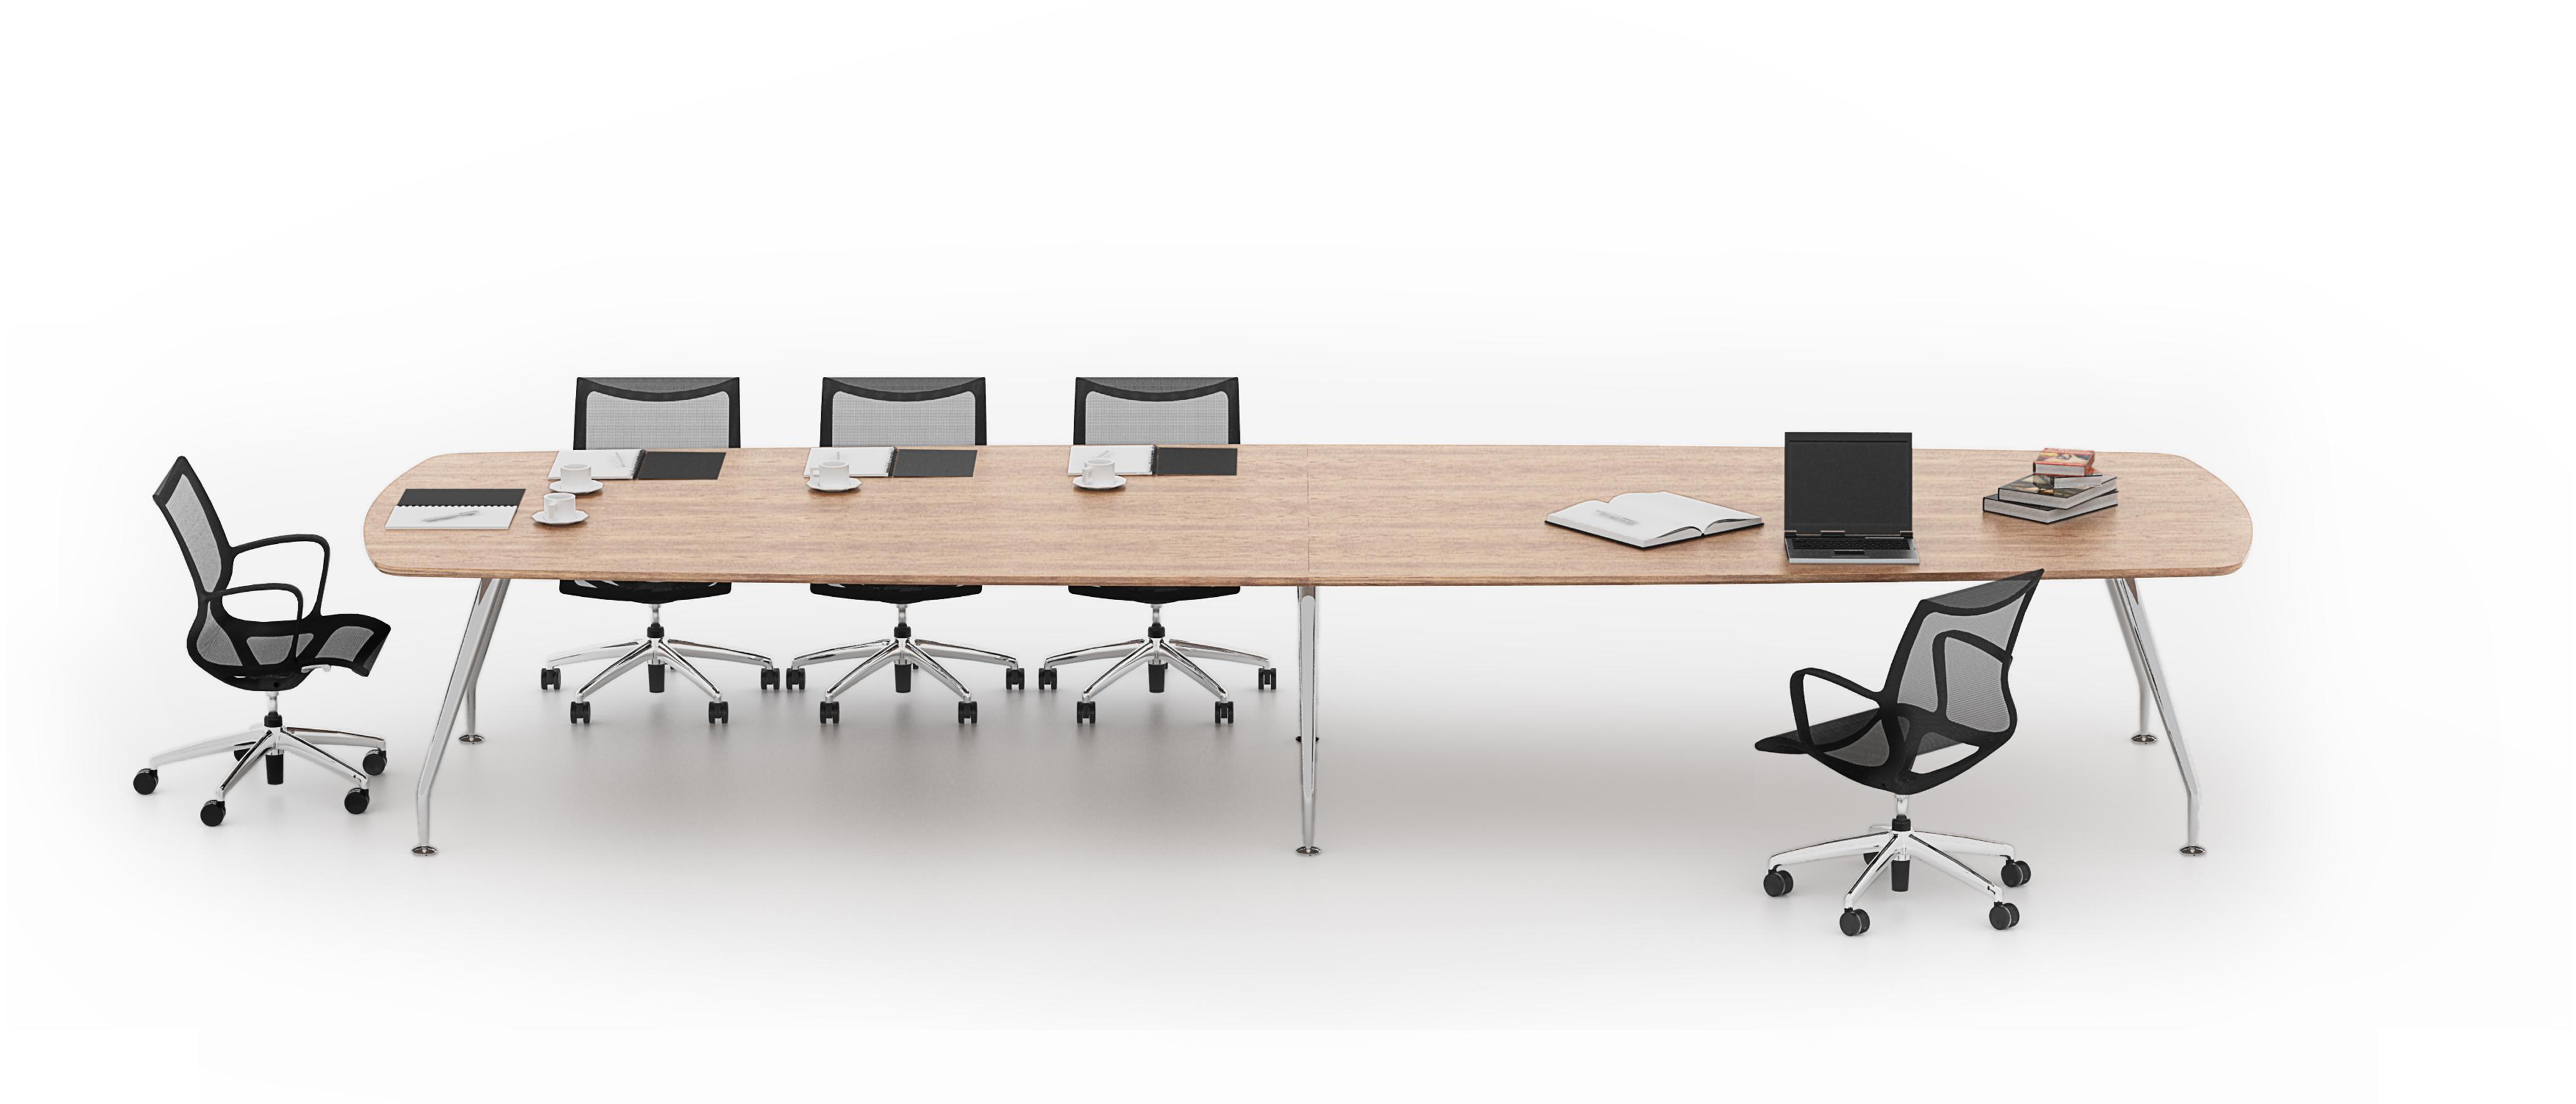 Walnut boardroom table_rev b